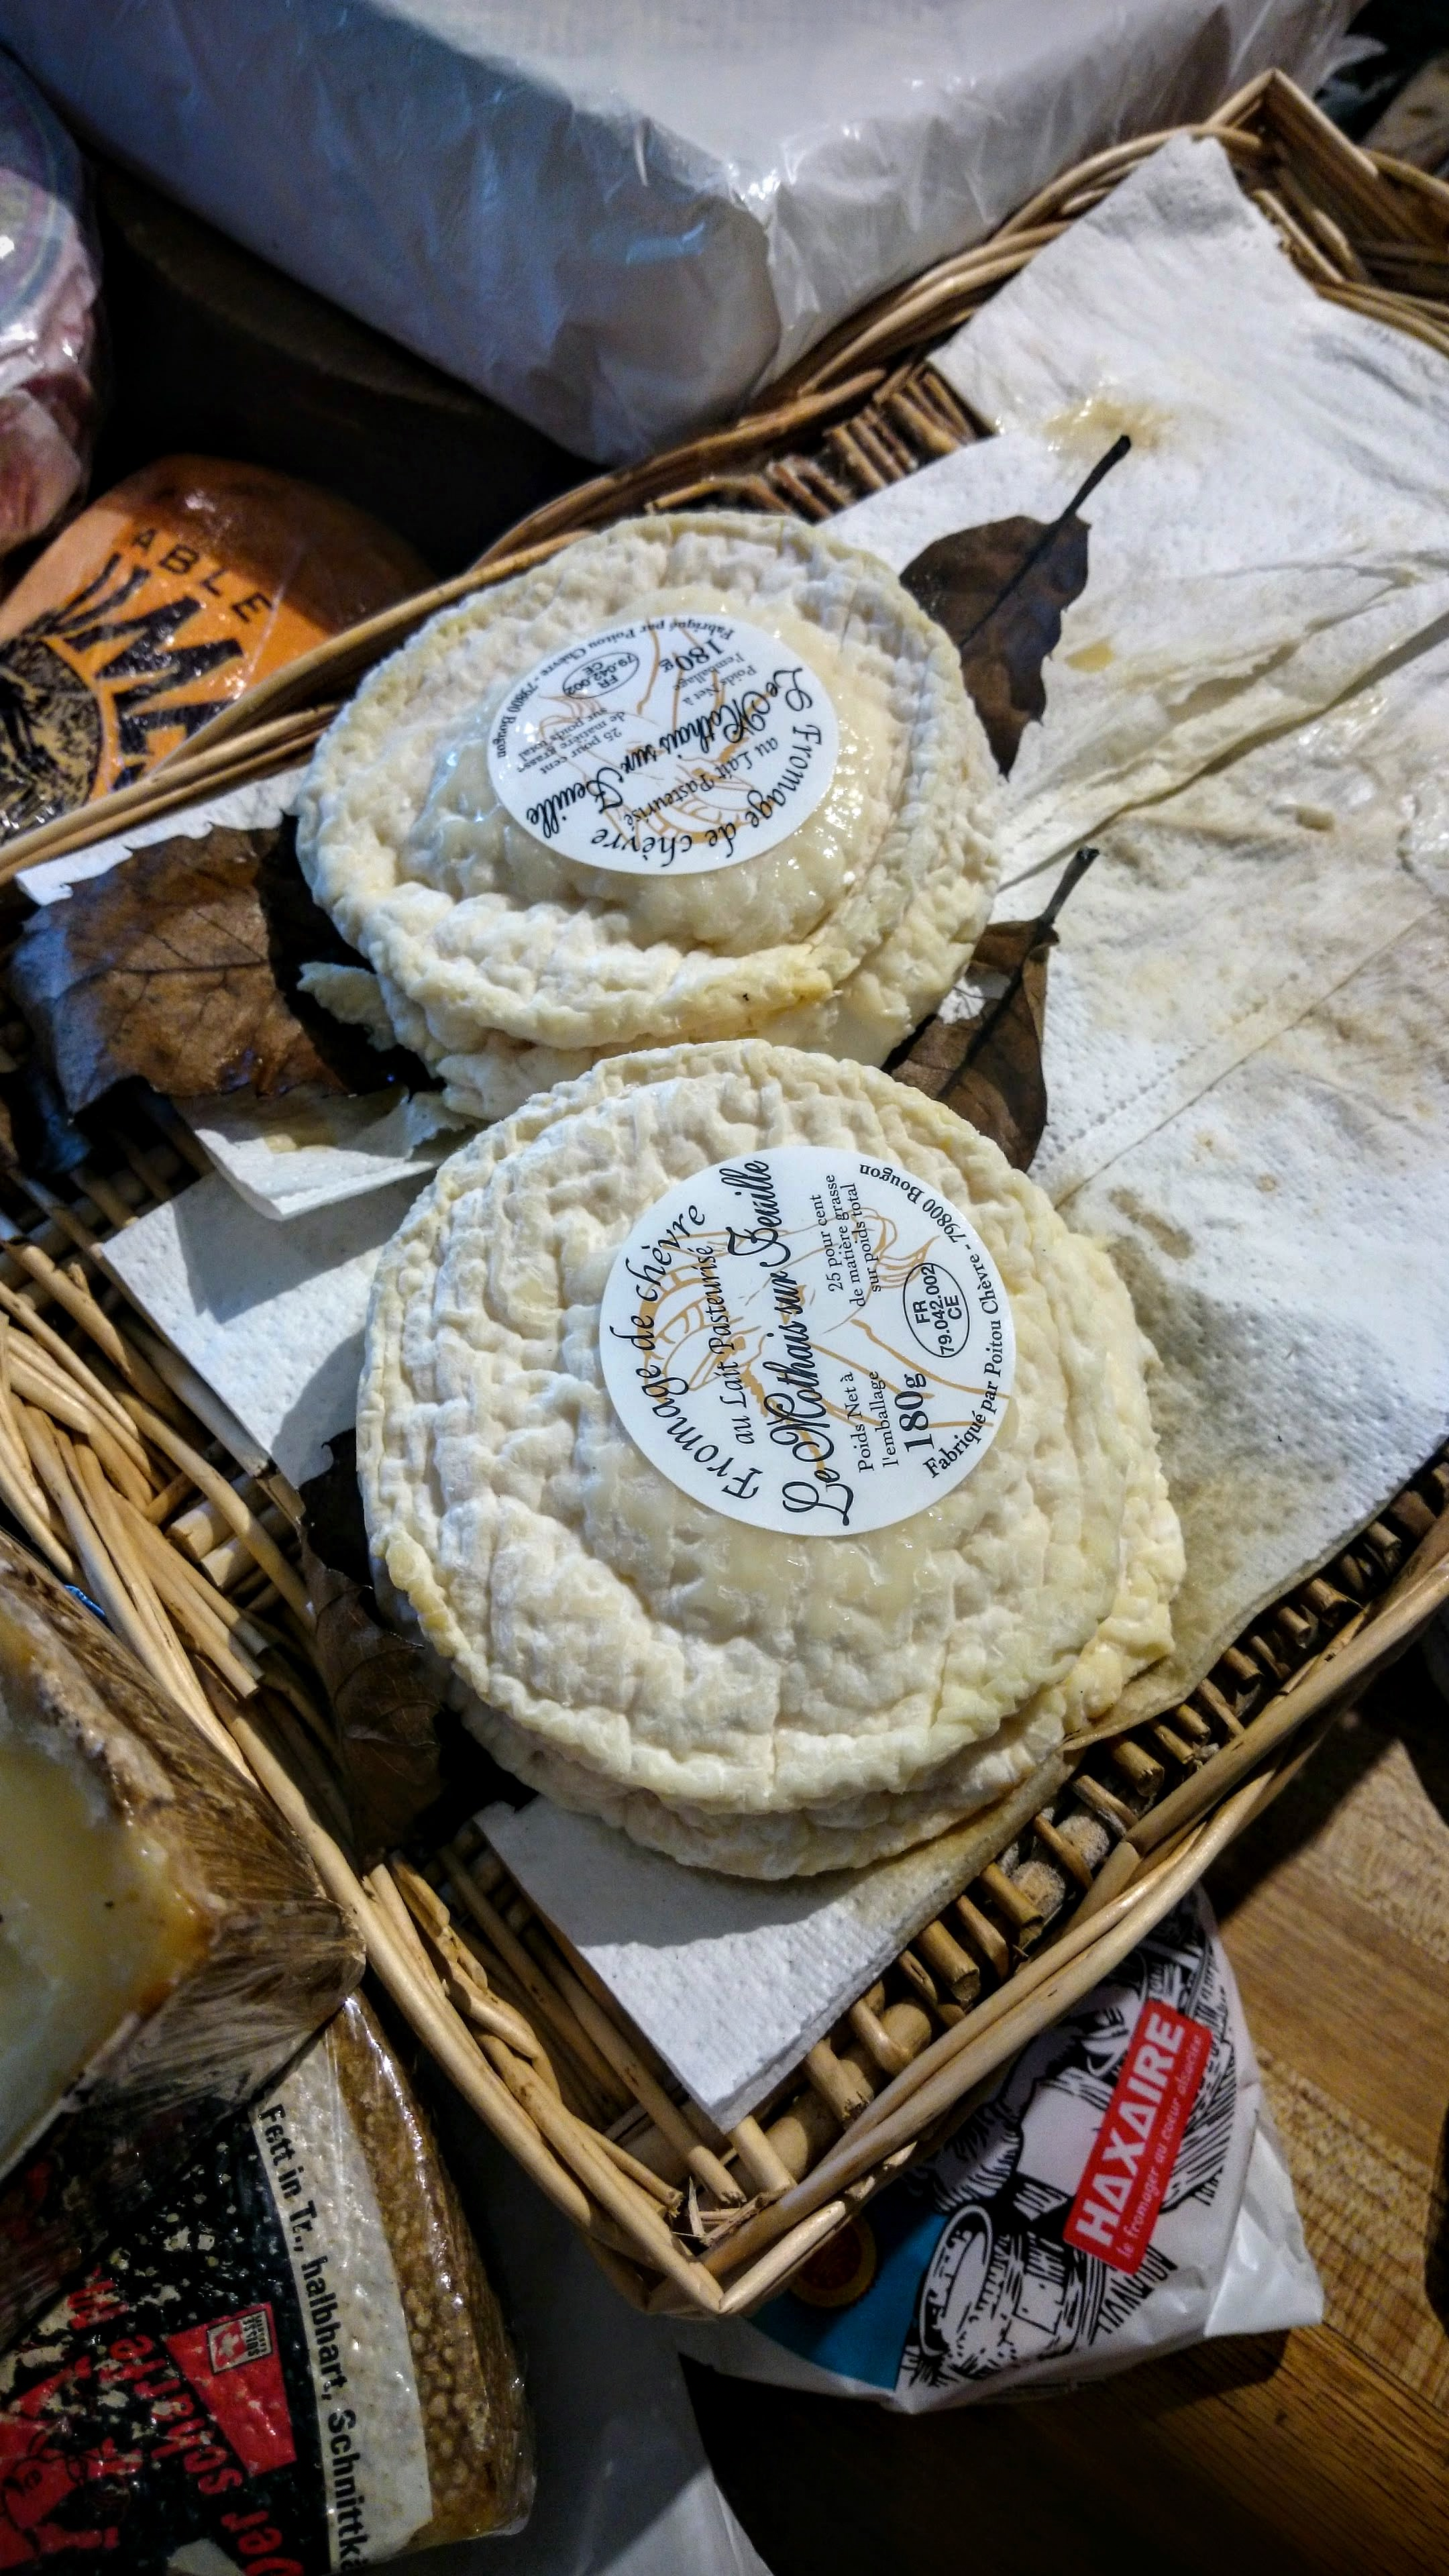 chevre-cheese-store-beverly-hills.jpg